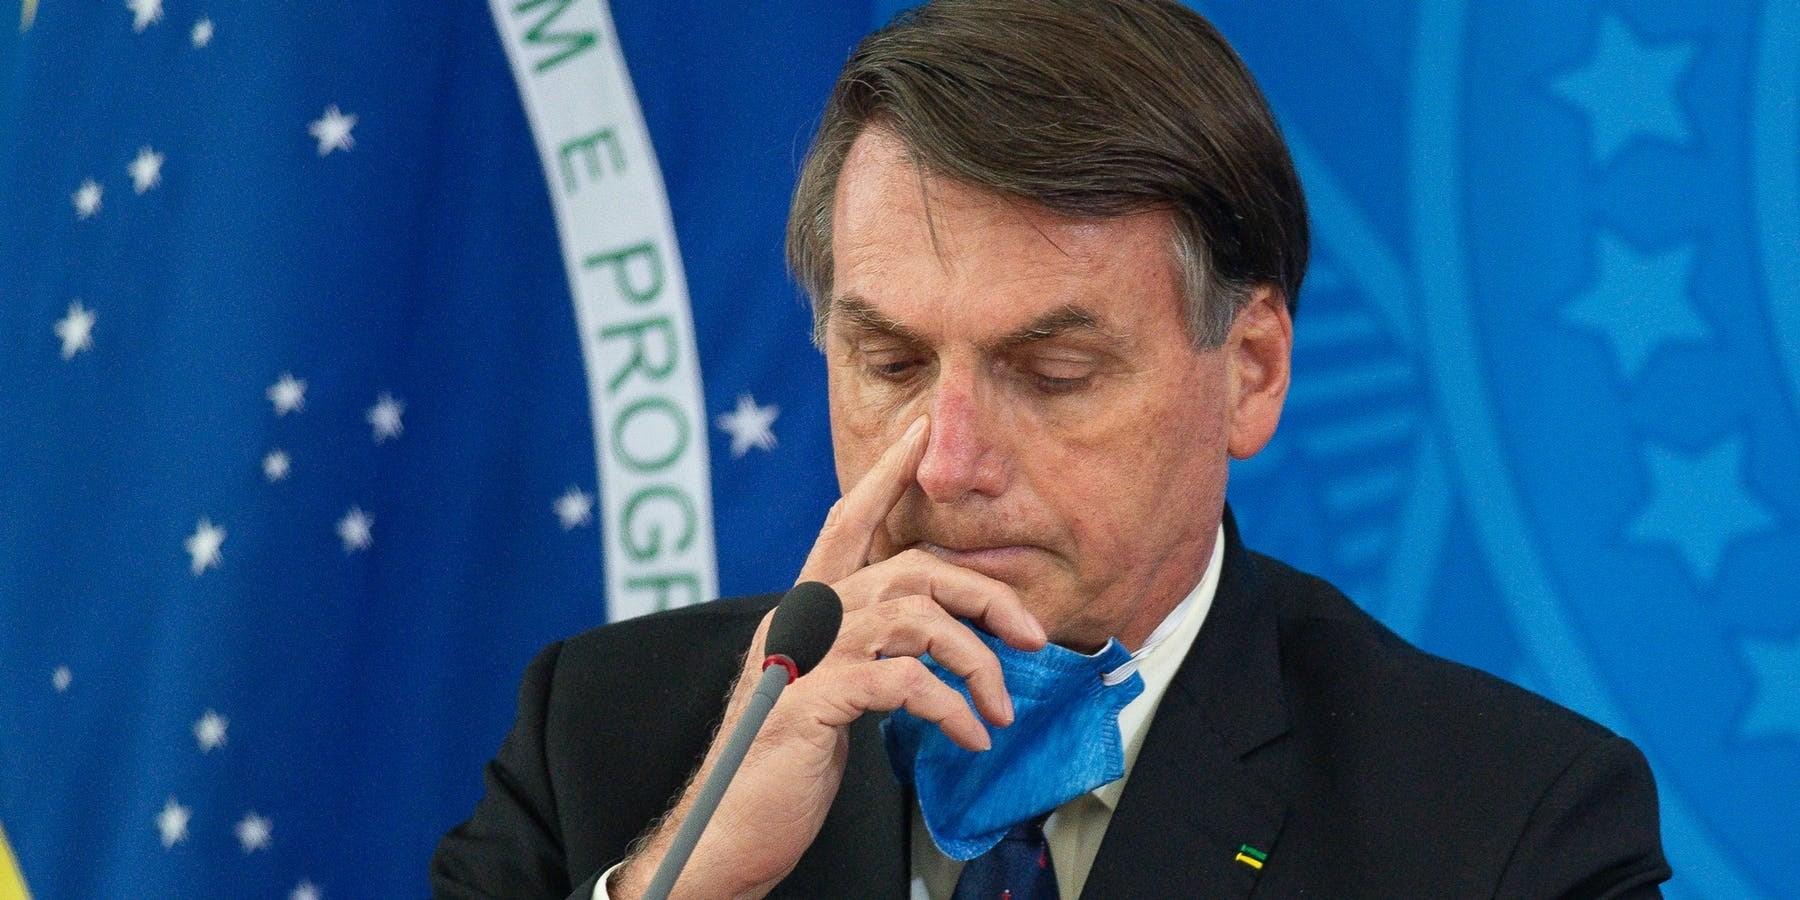 شعبية الرئيس البرازيلي تتراجع.. بولسونارو يفشل في مواجهة كورونا